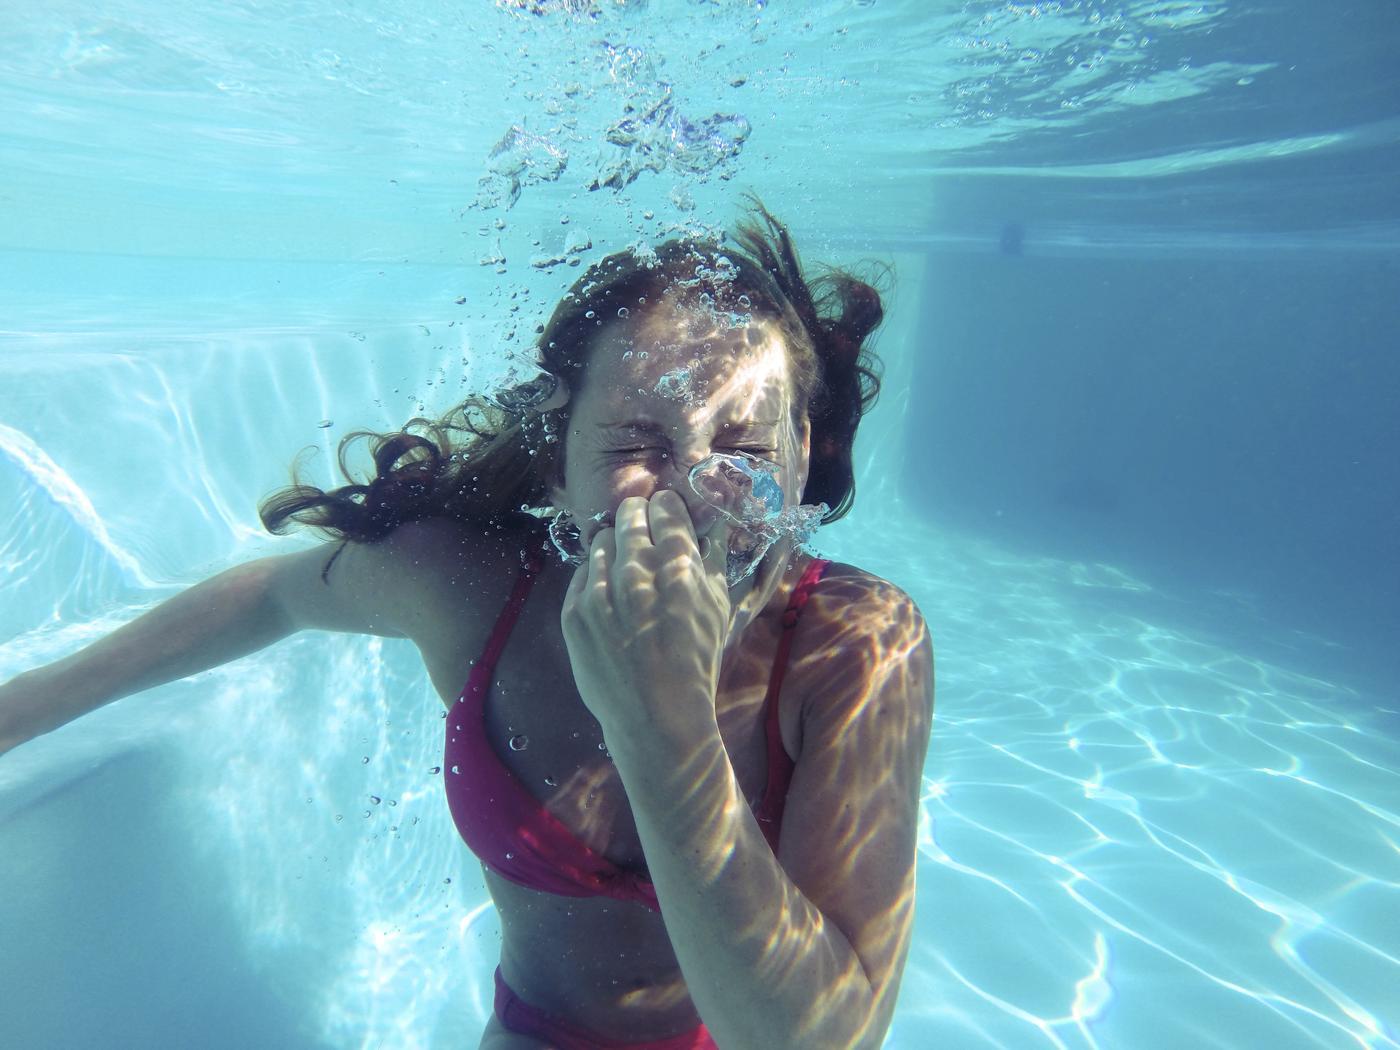 respiracao agua - To no Cosmos